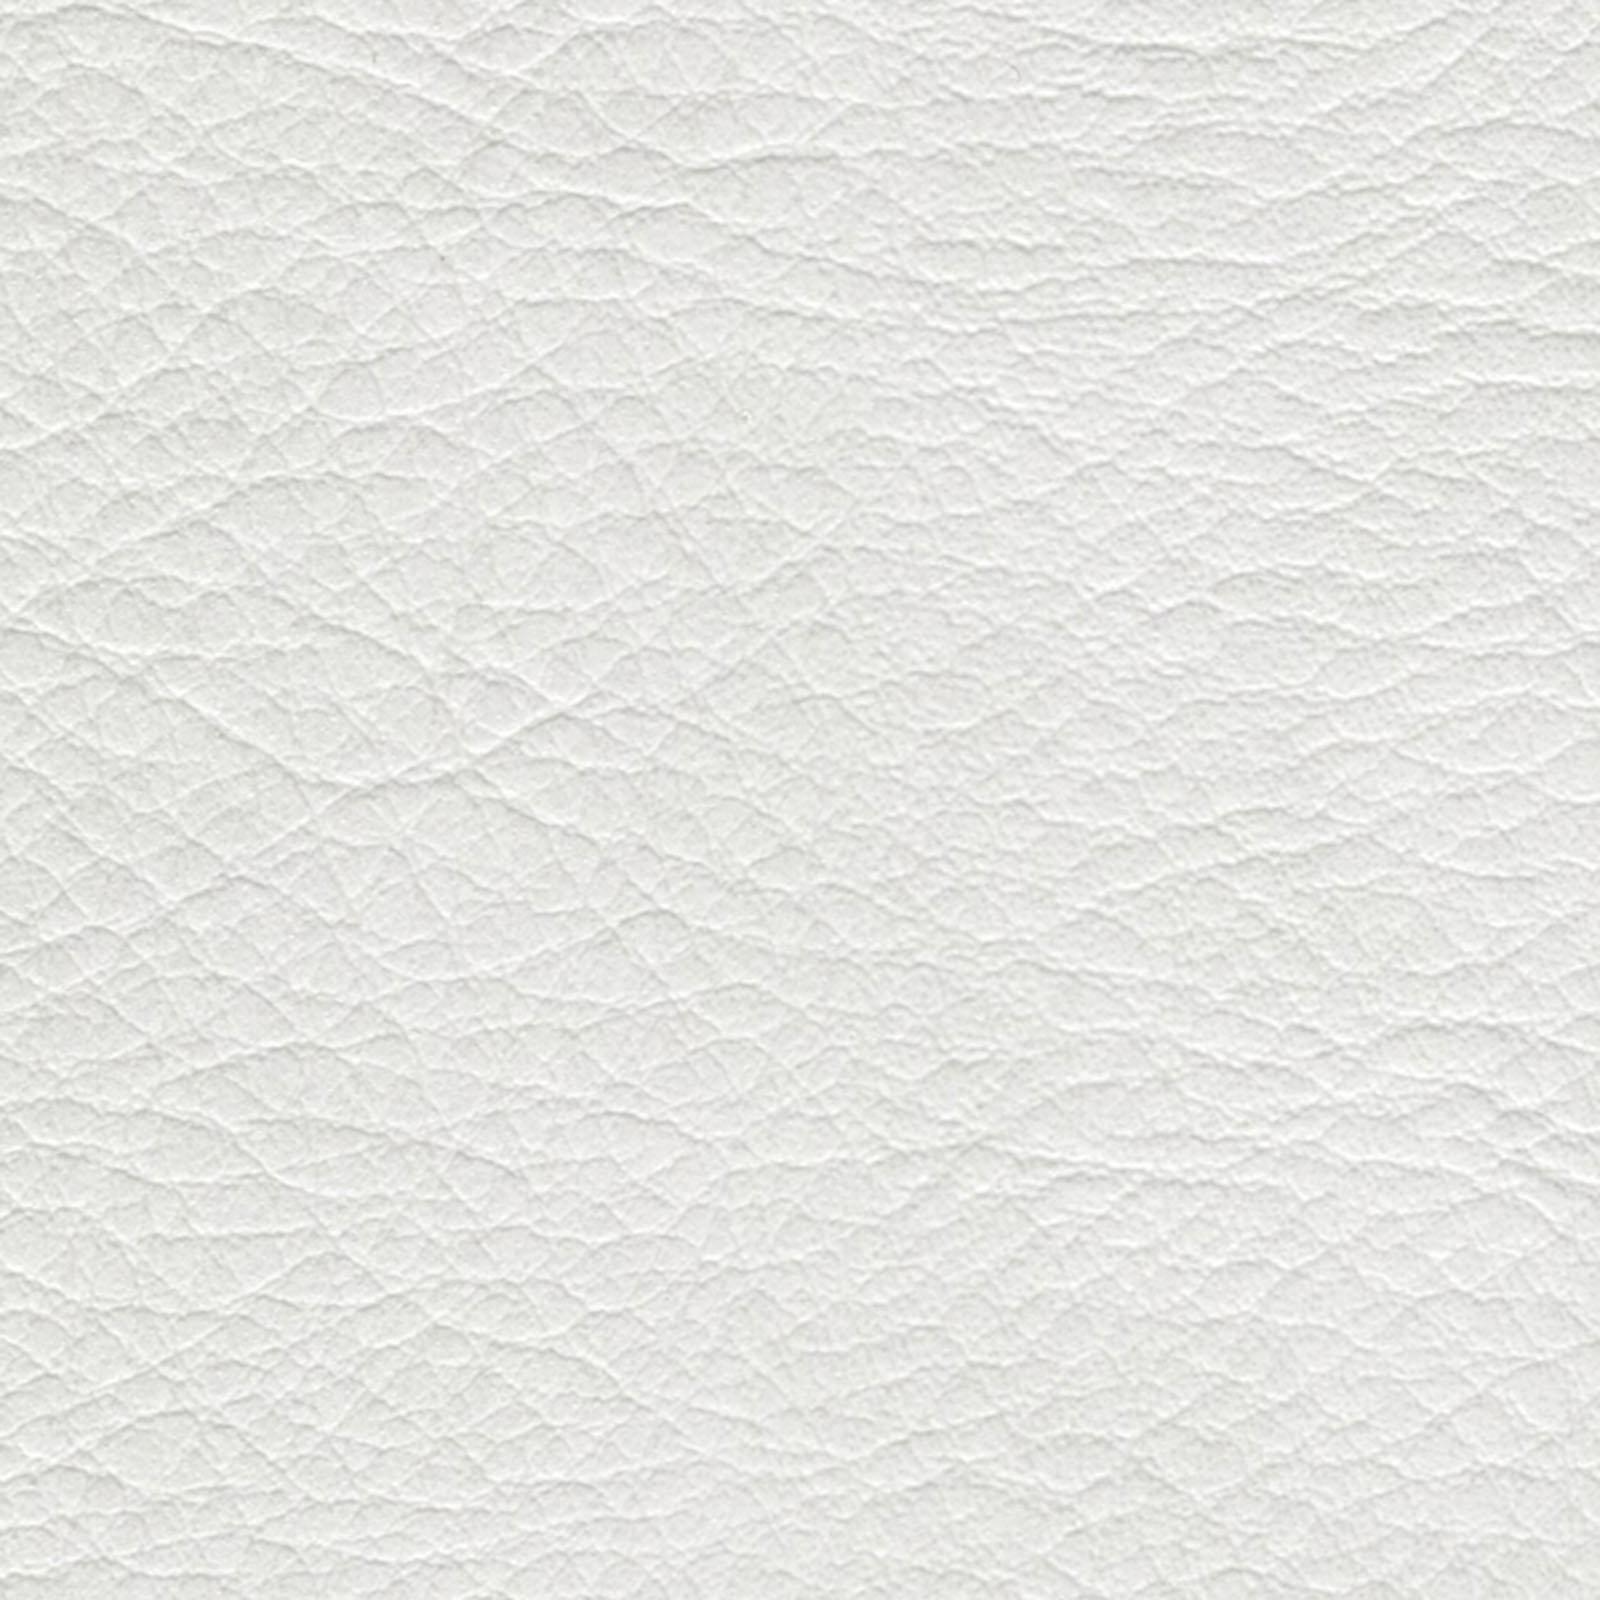 Allegro - ALG-7059 - Blush White